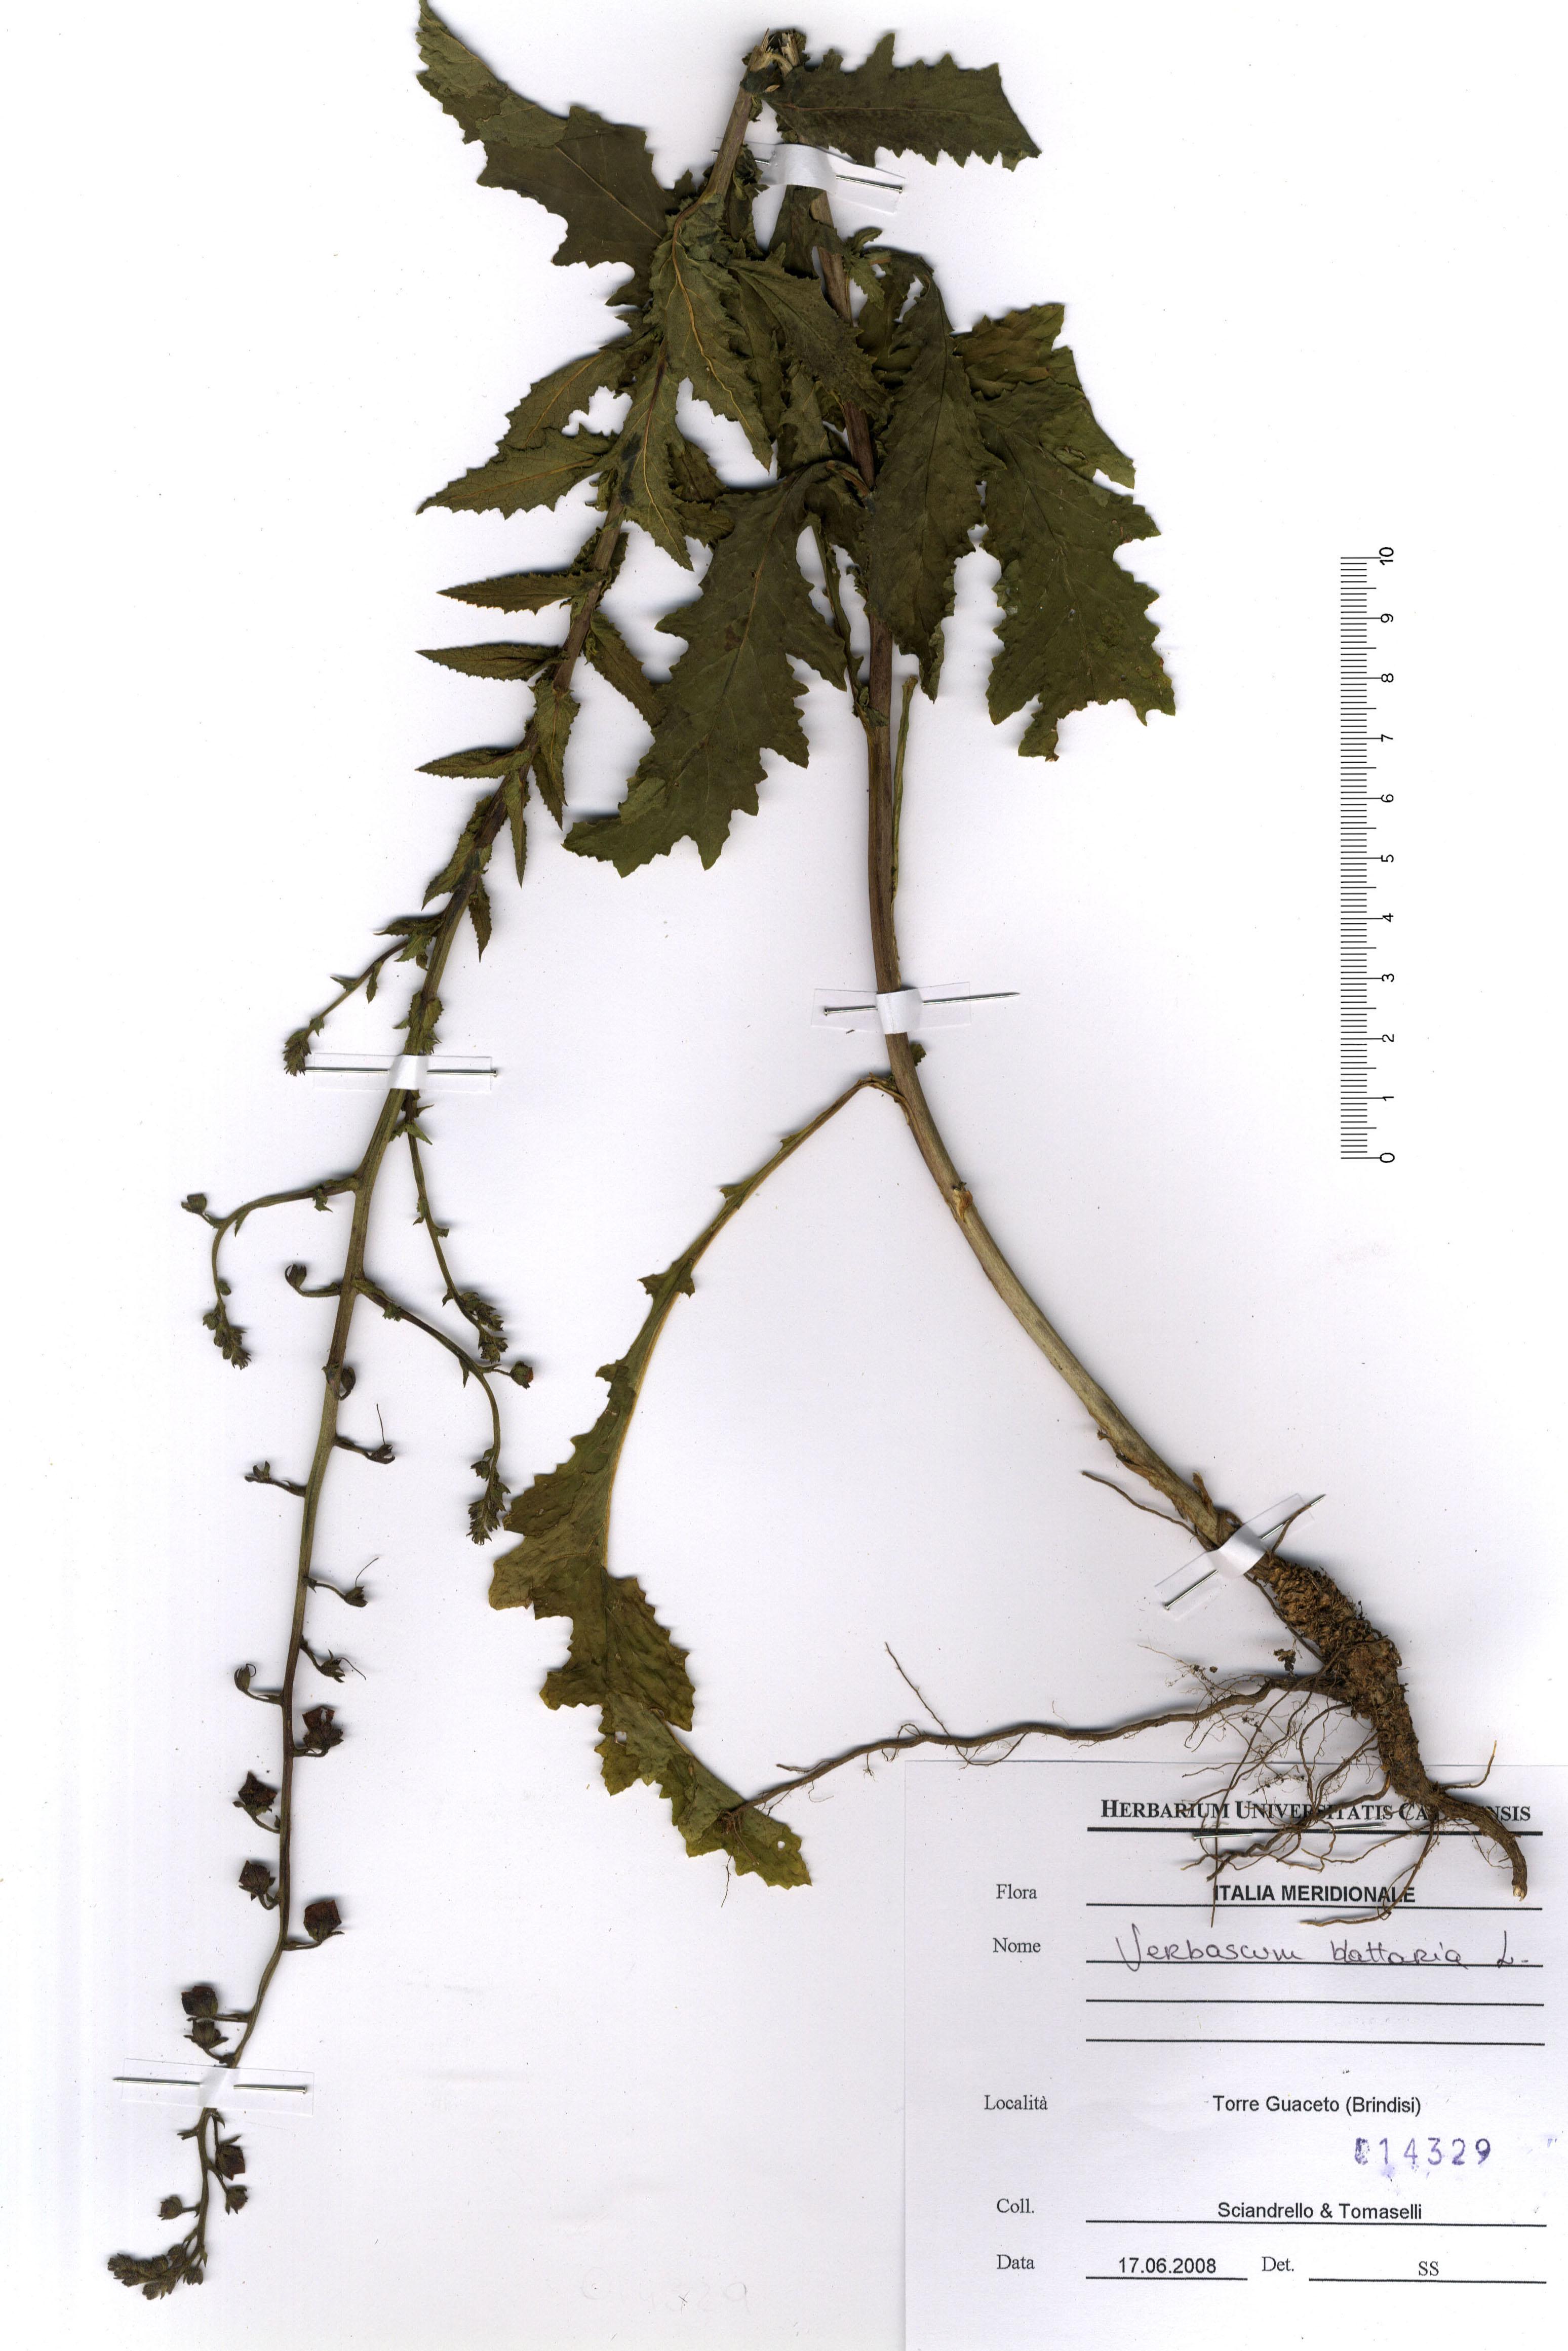 © Hortus  Botanicus Catinensis - Herb. sheet 014392<br>